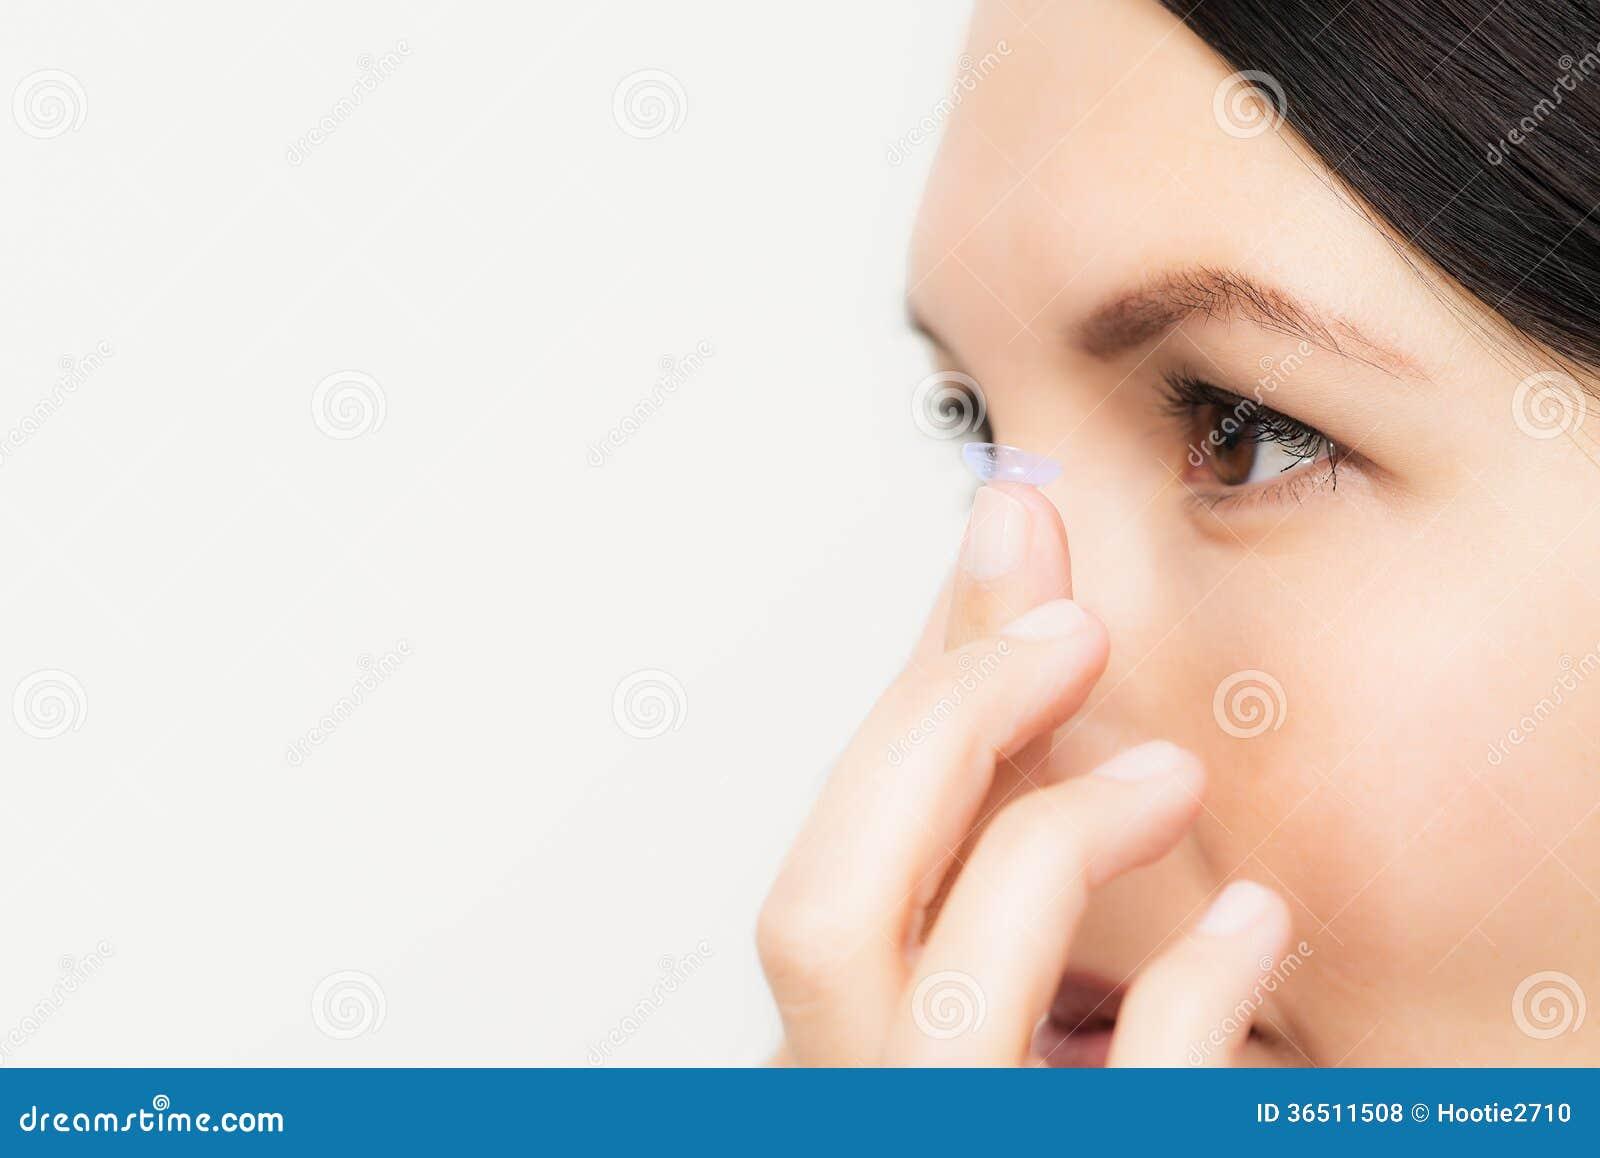 Femme environ pour placer un verre de contact dans son oeil